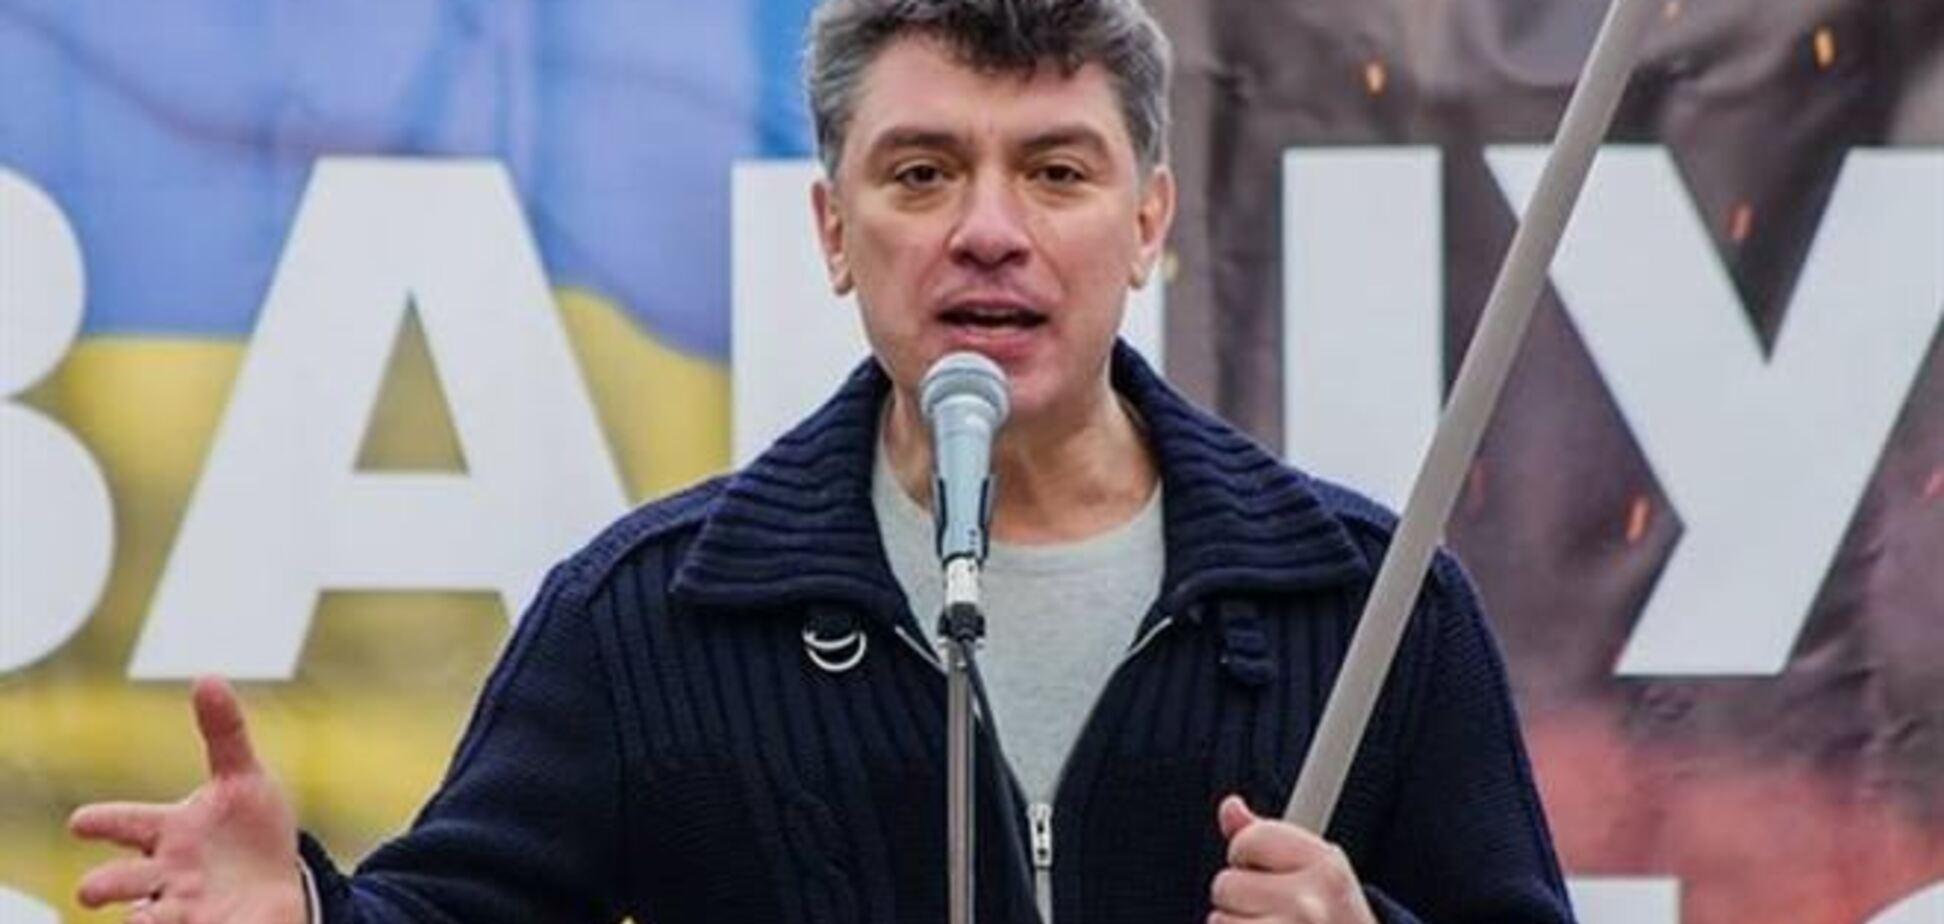 Немцов: Путин не остановится, пока не получит по морде